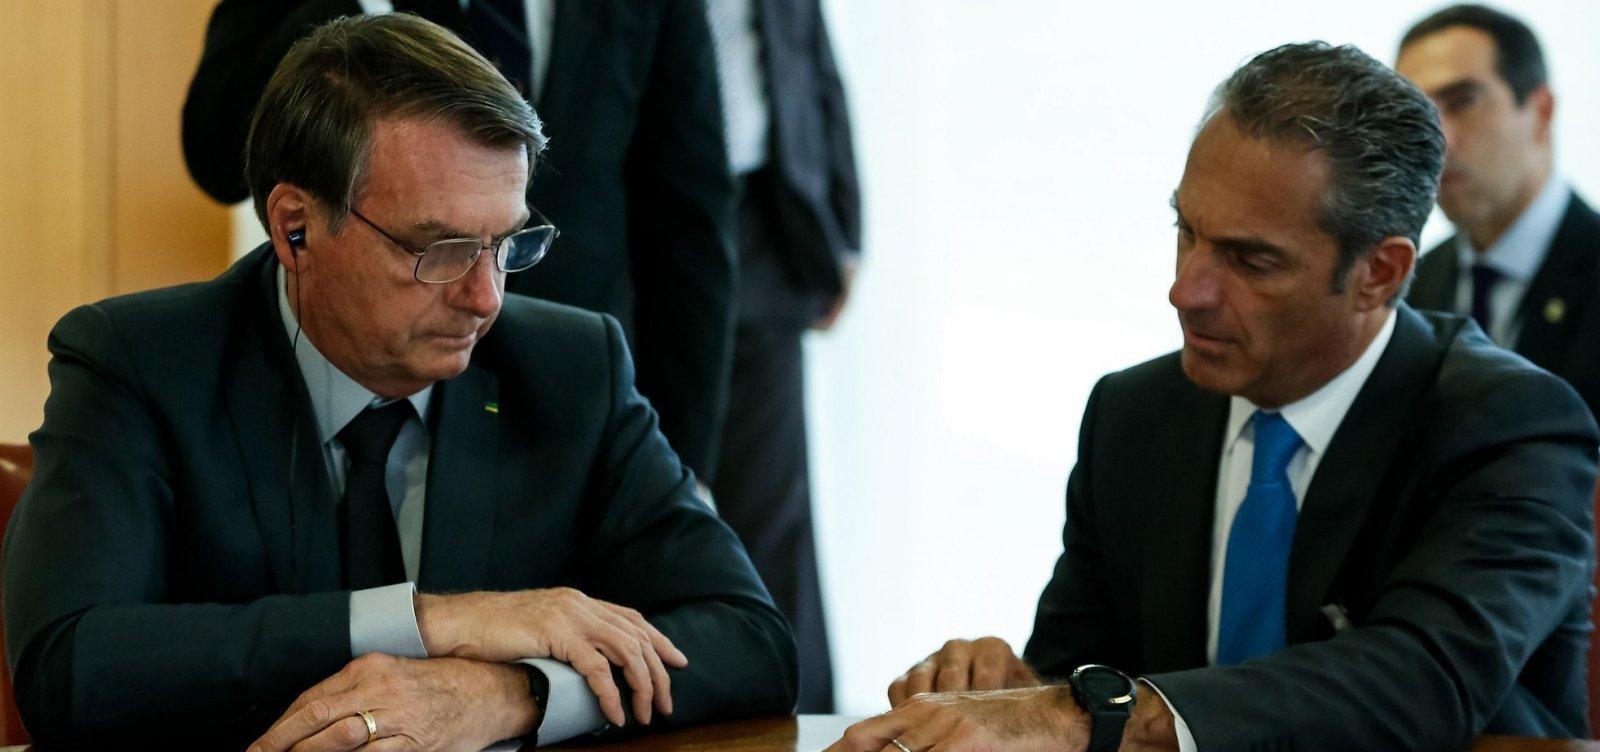 Após reunião com Bolsonaro, herdeiro de Carlos Slim anuncia intenção de investir R$ 30 bi no país